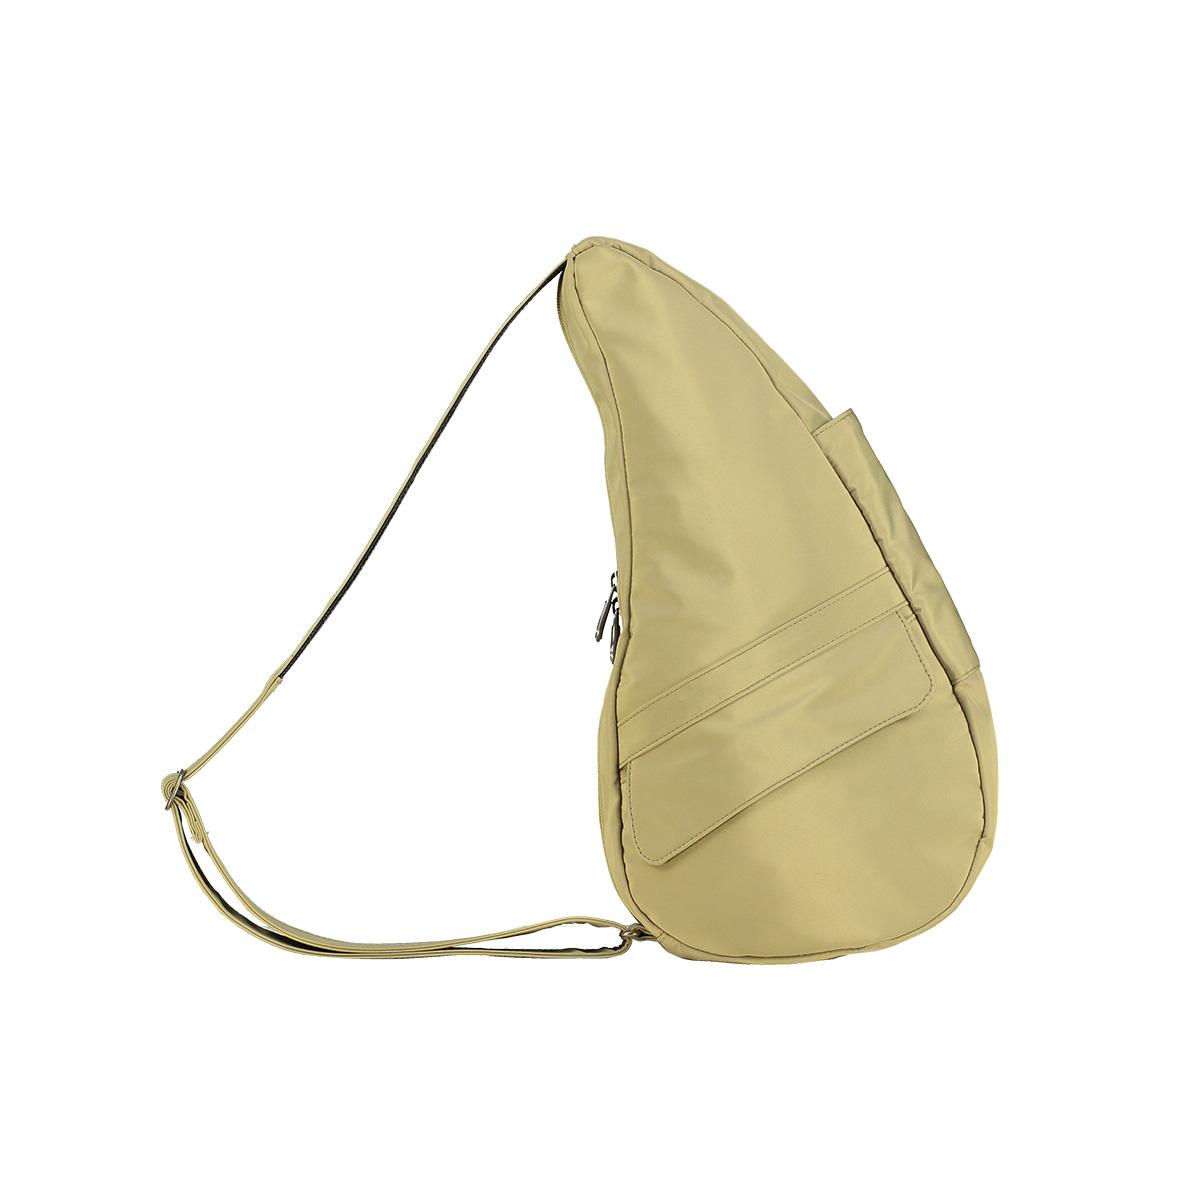 Healthy Back Bag/ヘルシーバックバッグ/ショルダーバッグ/ボディバッグ/旅行バッグ/軽量/レディース/メンズ 《限定ポーチ付》 公式ストア ヘルシーバックバッグ マイクロファイバー Sサイズ7303 サファリ